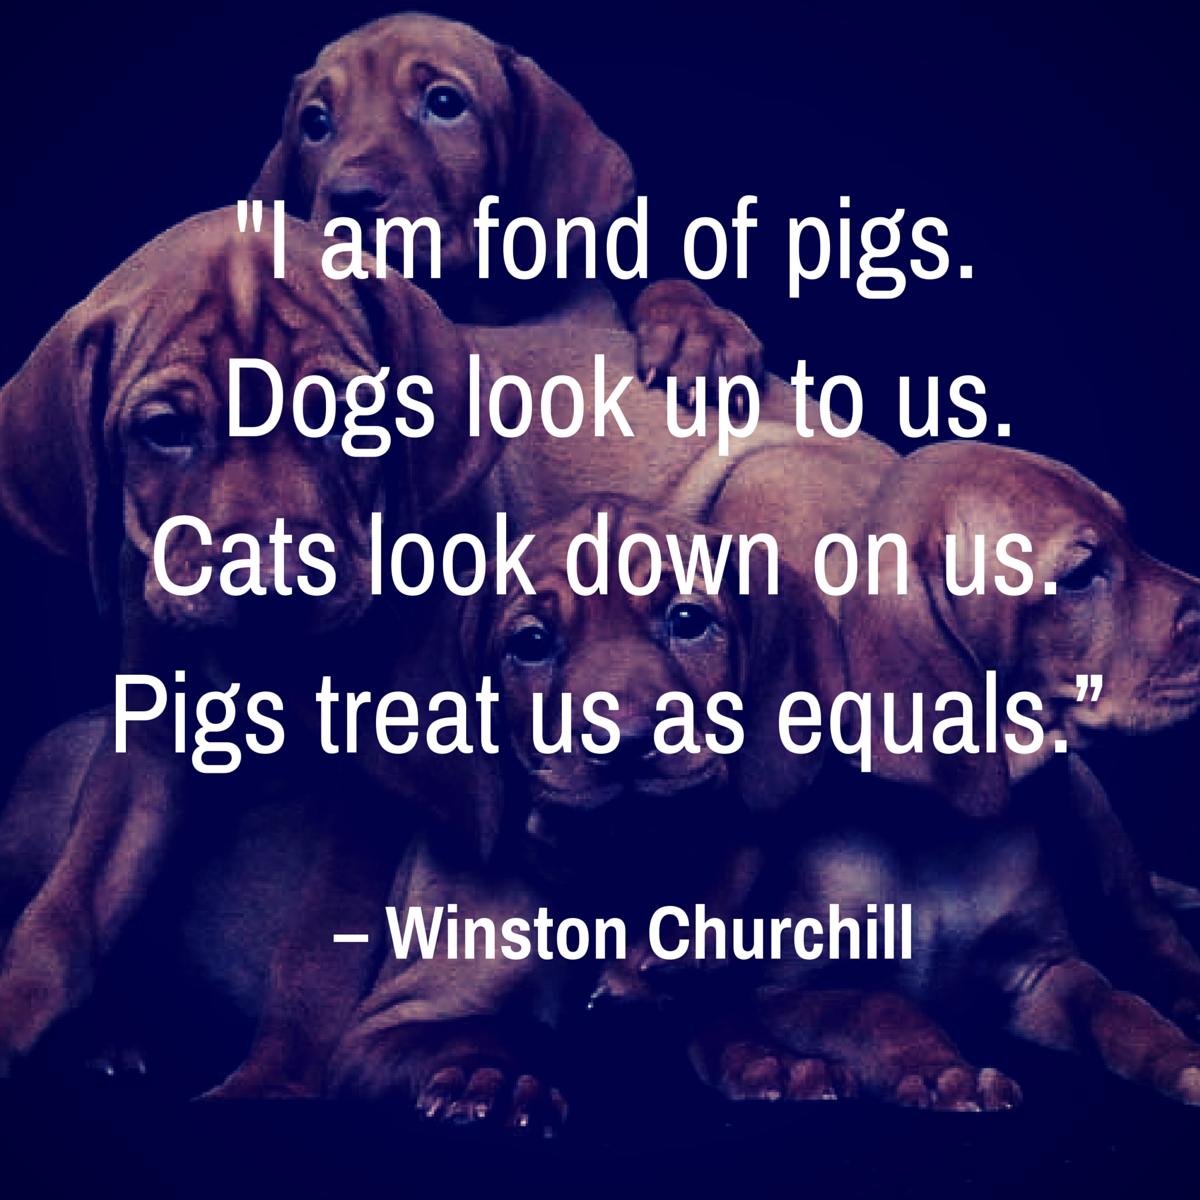 cita de perro churchill